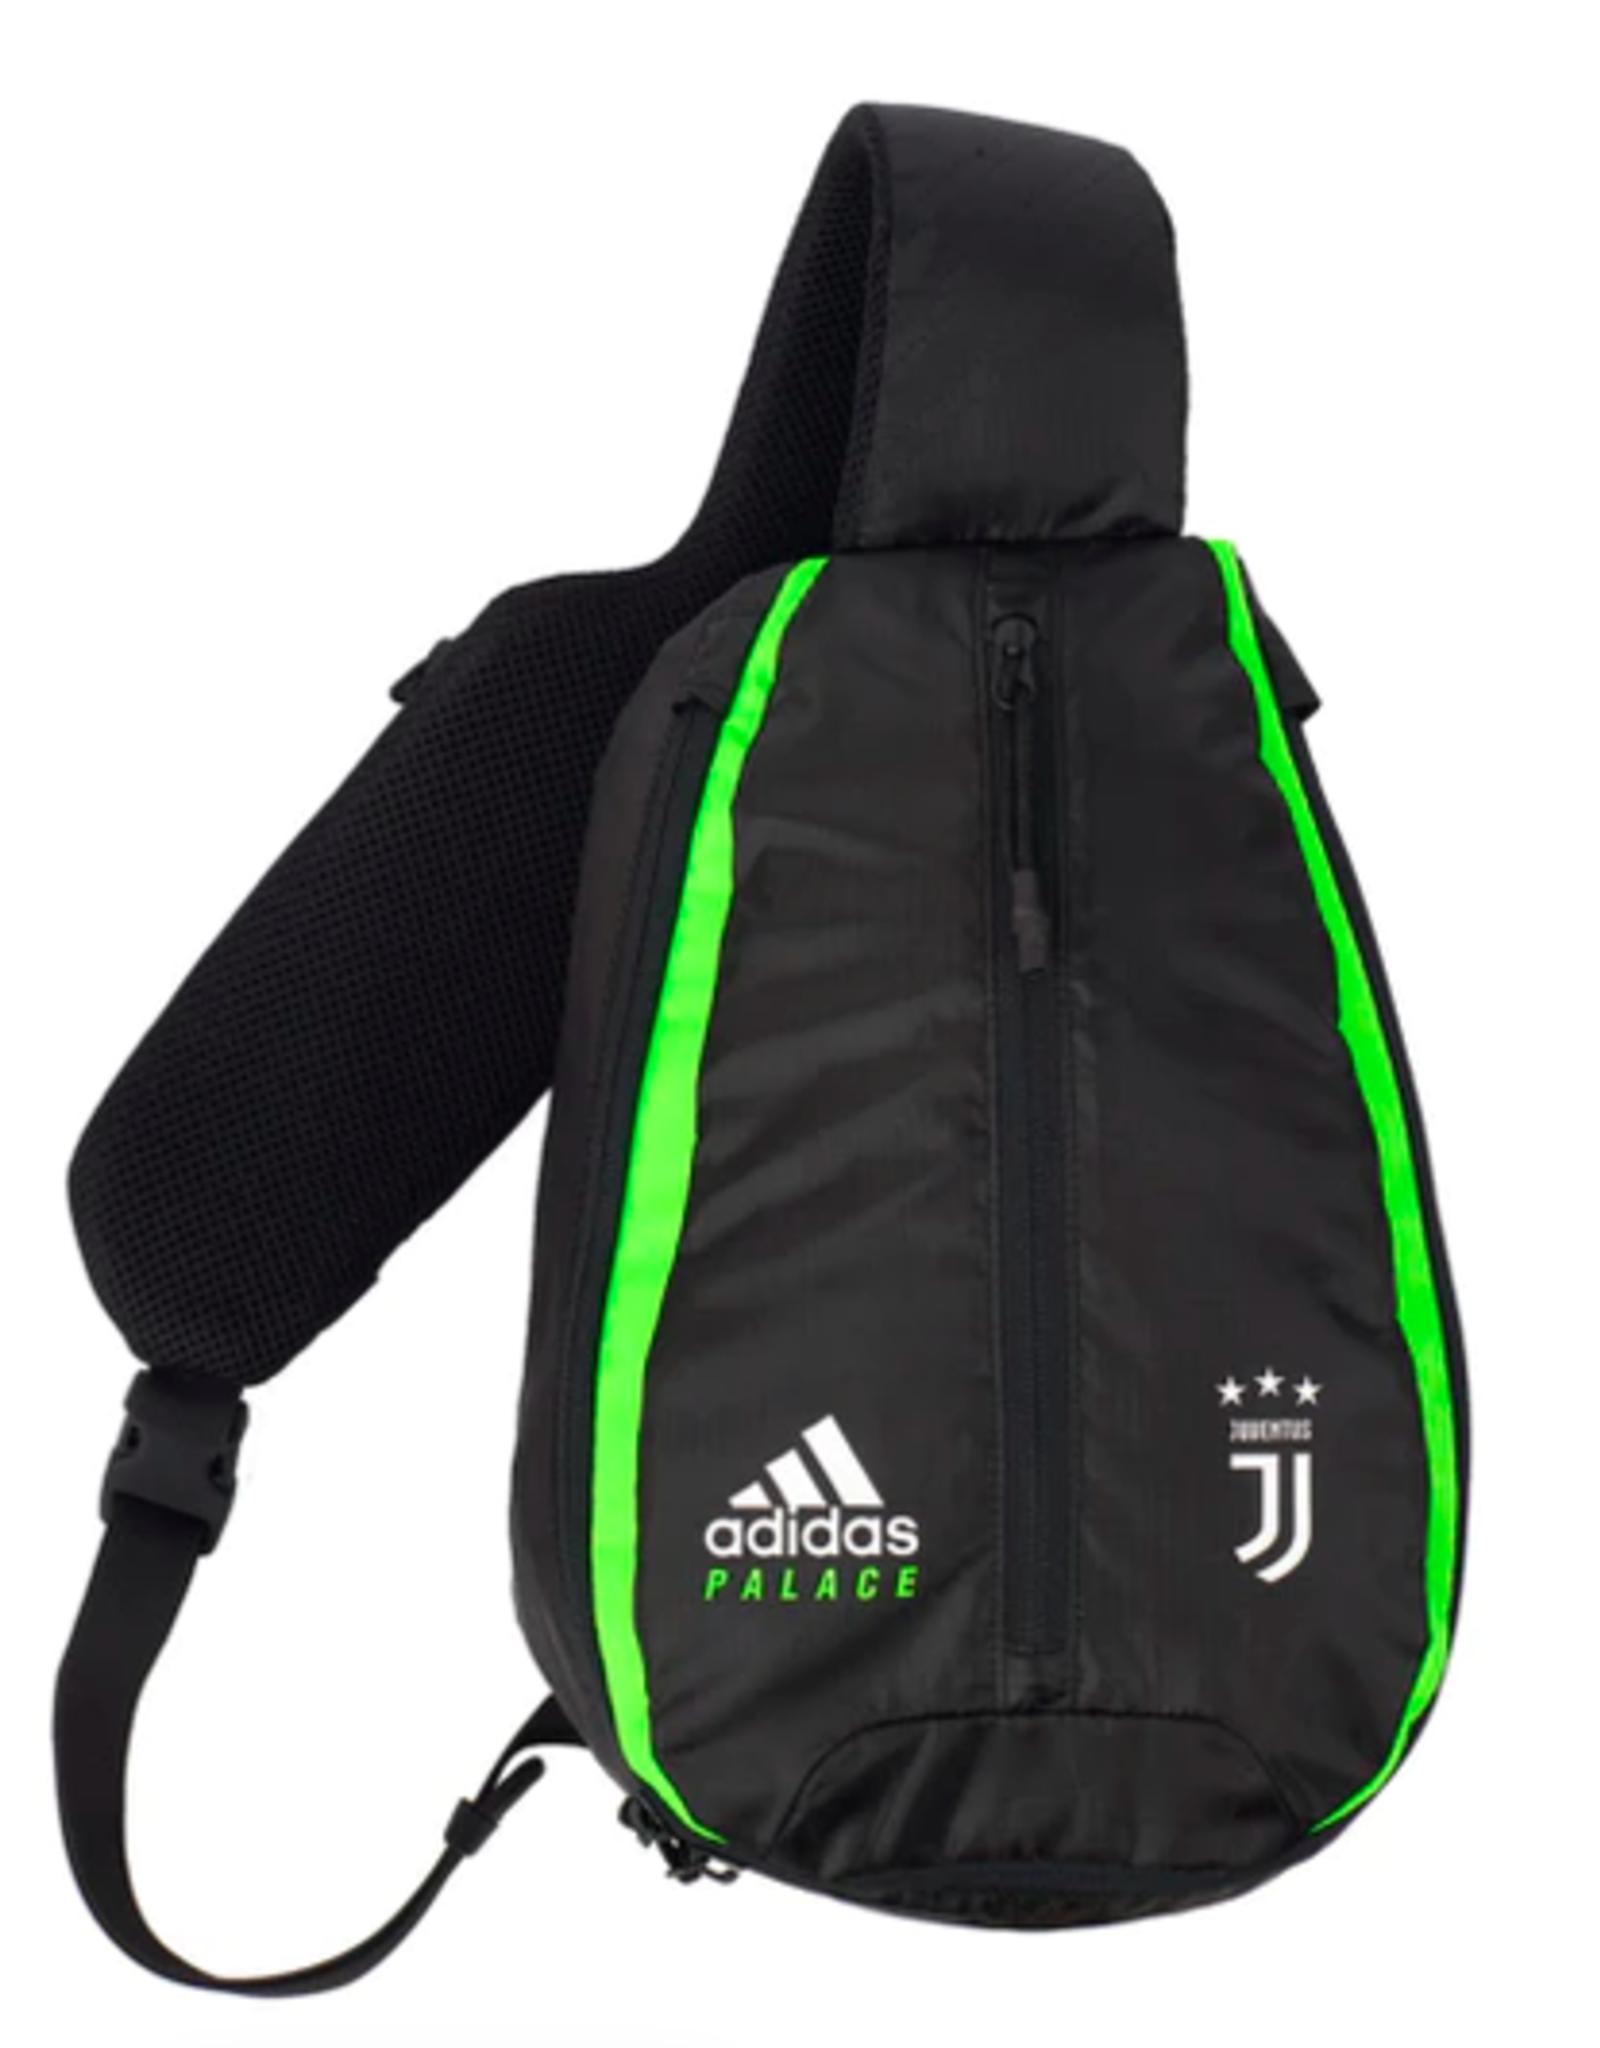 PALACE Palace adidas Palace Juventus Bag Black